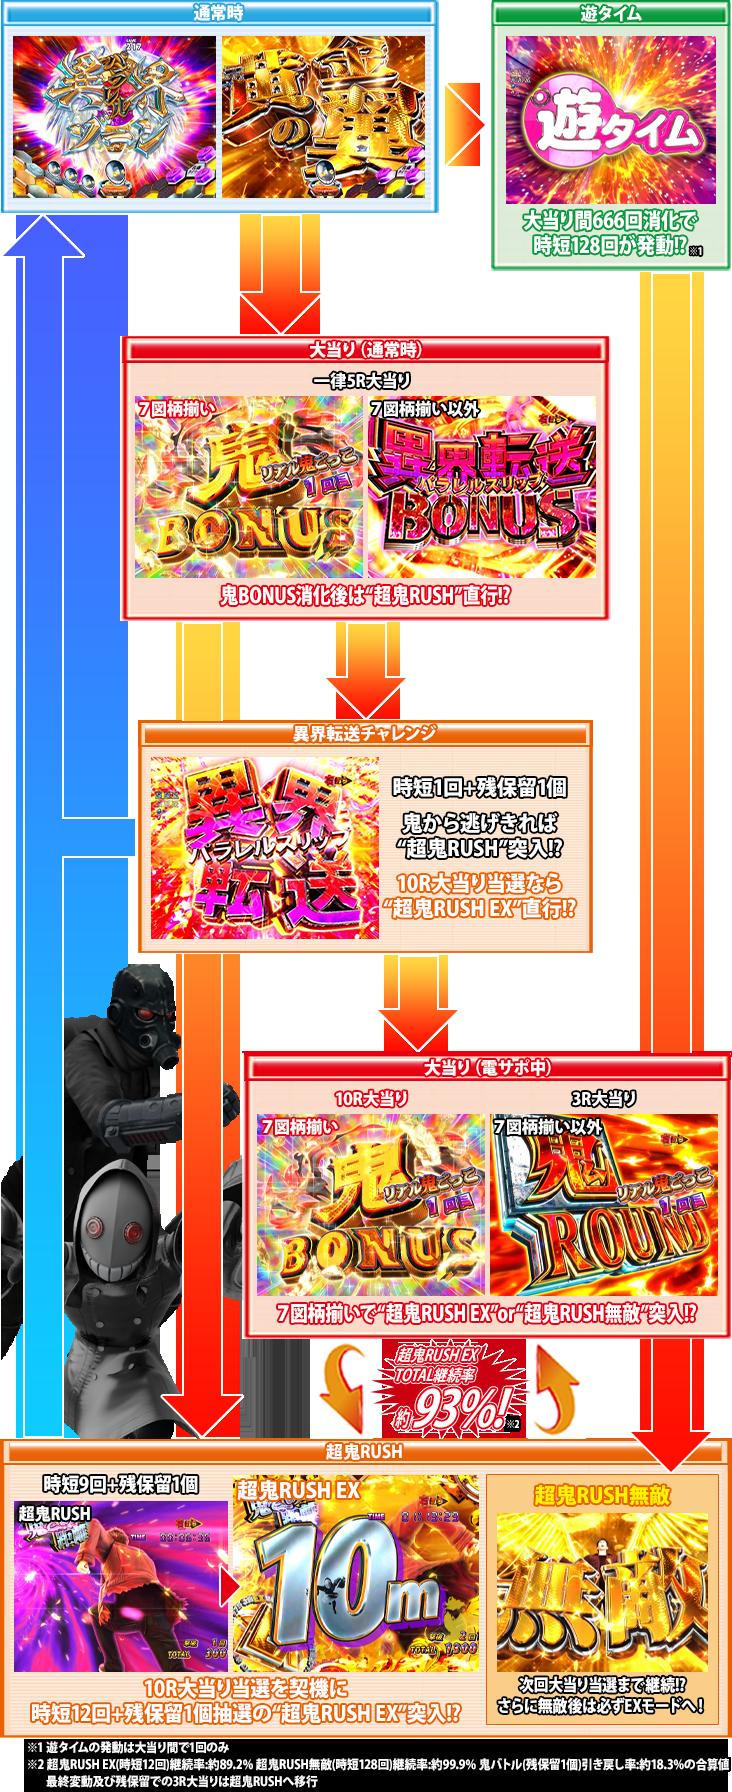 Pリアル鬼ごっこ2 全力疾走チャージ鬼ver.のゲームフロー